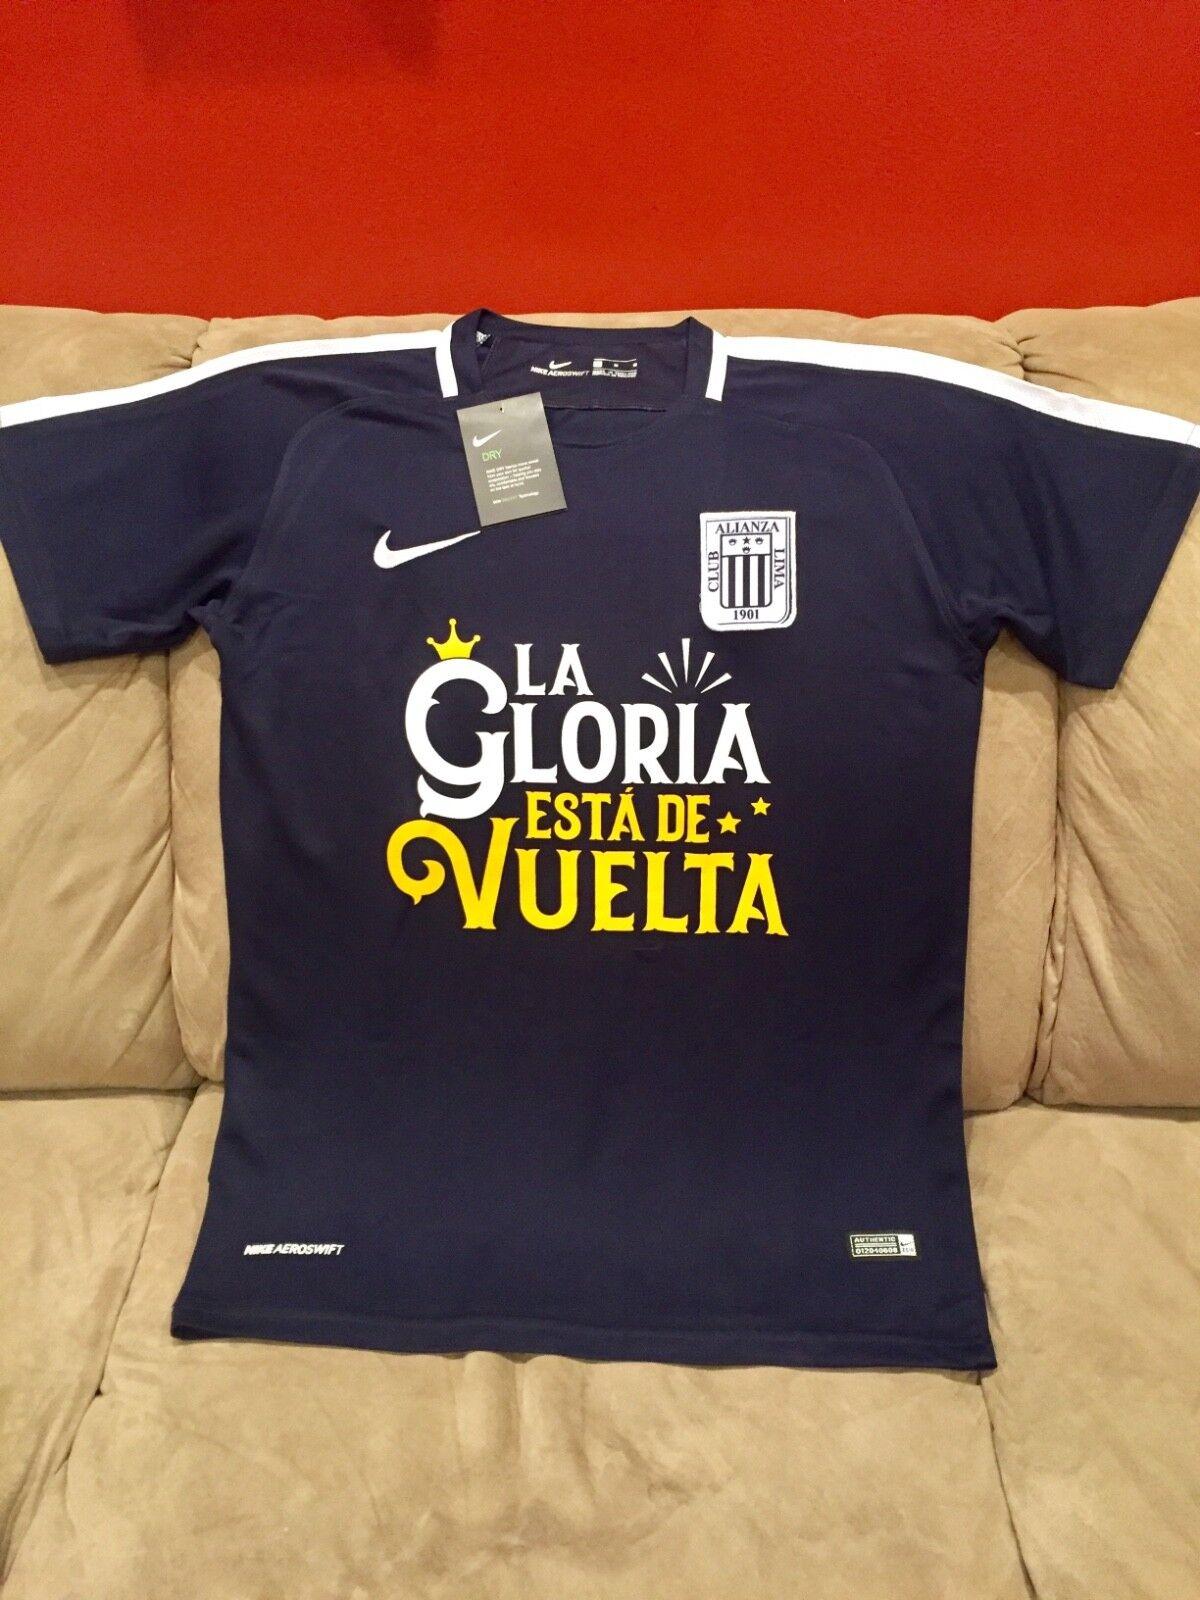 New Club Alianza Lima La Gloria Esta De Vuelta Soccer Shirt Jersey Champion RARE